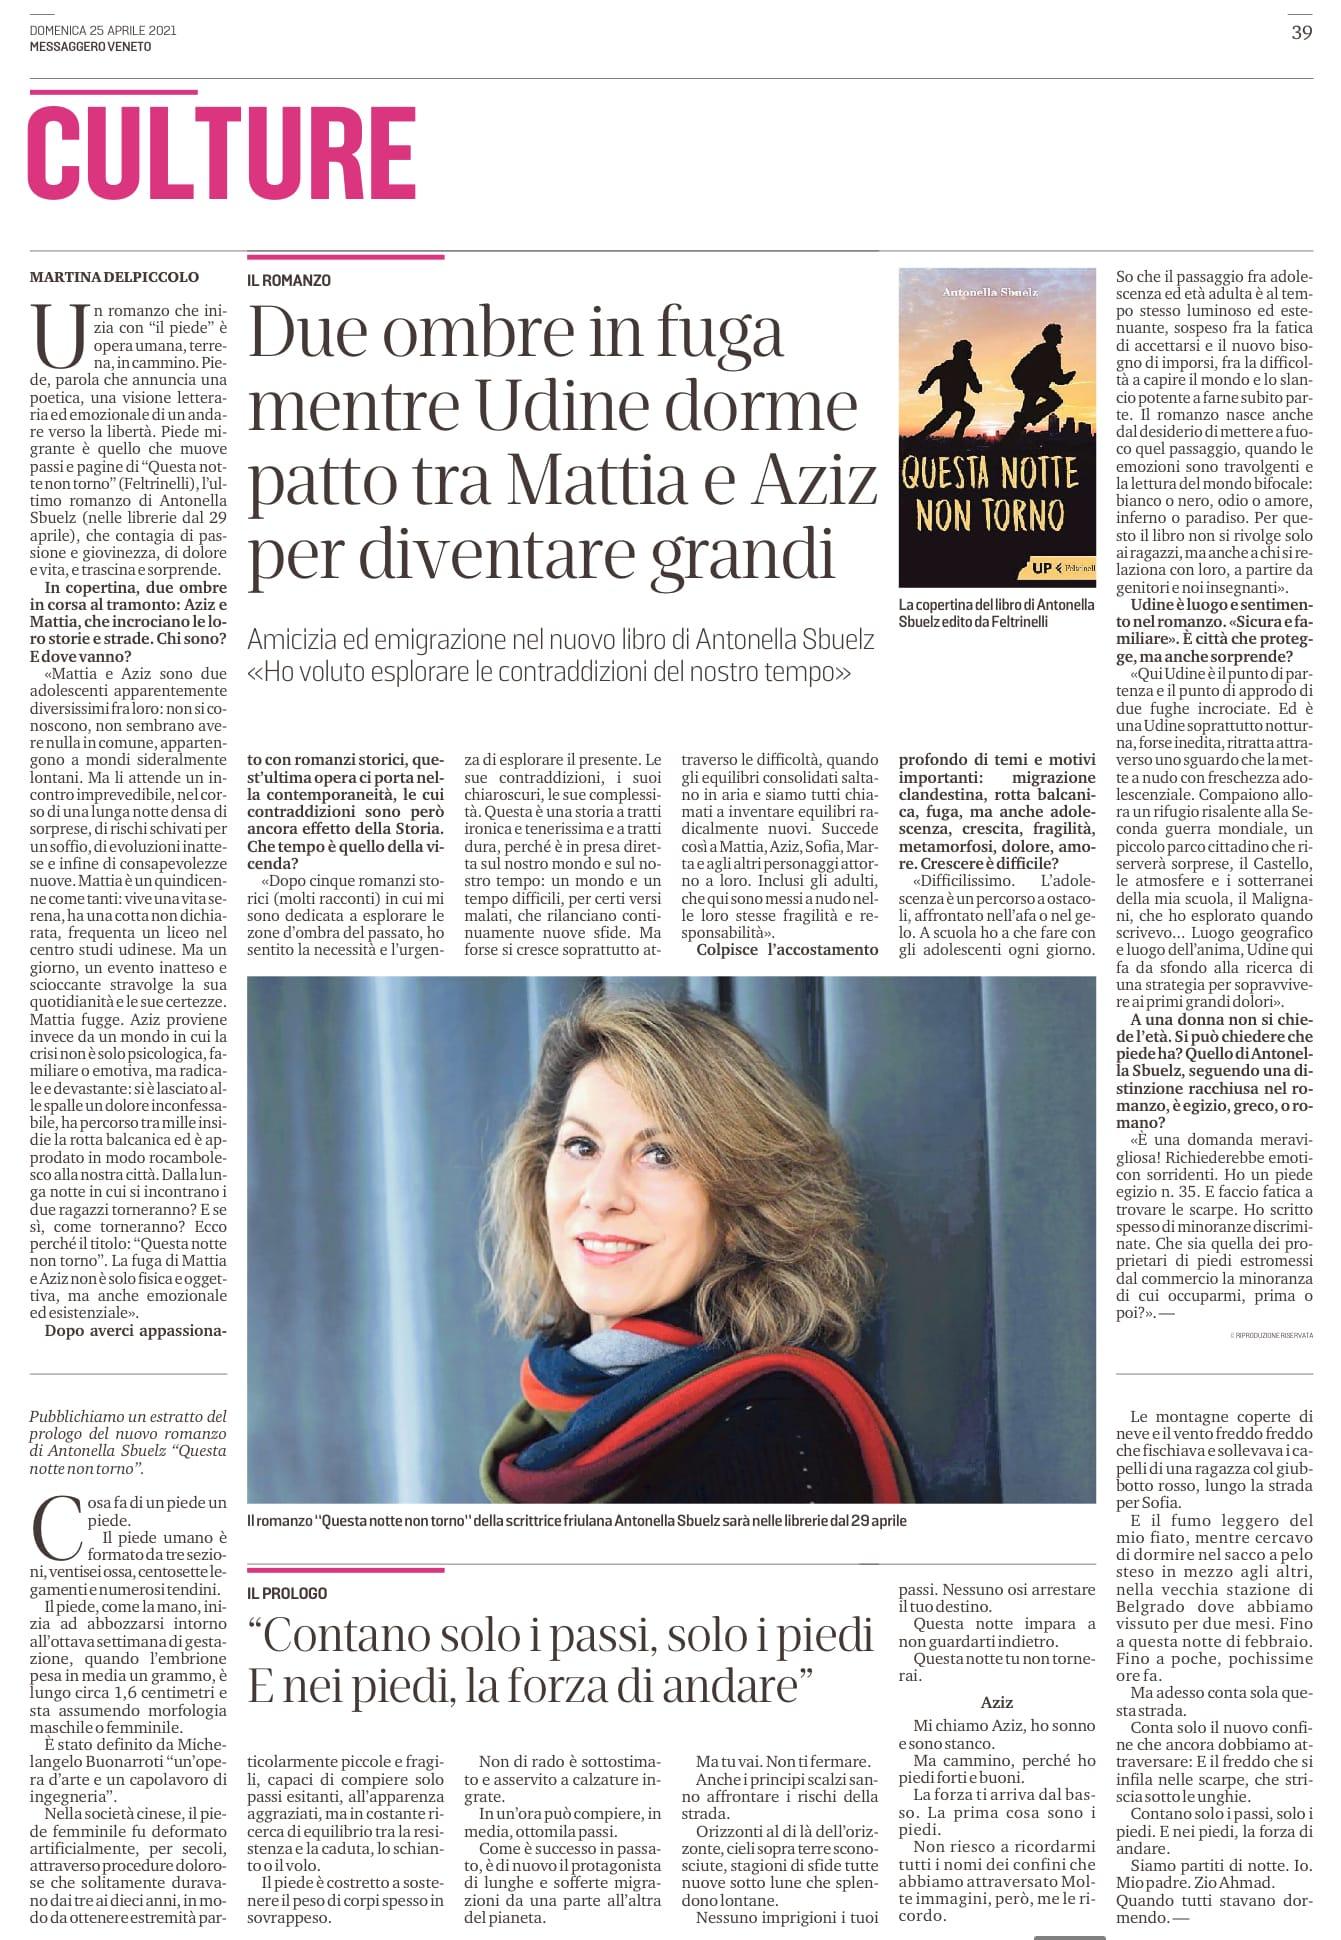 Questa notte non torno: dialogo con Martina Delpiccolo